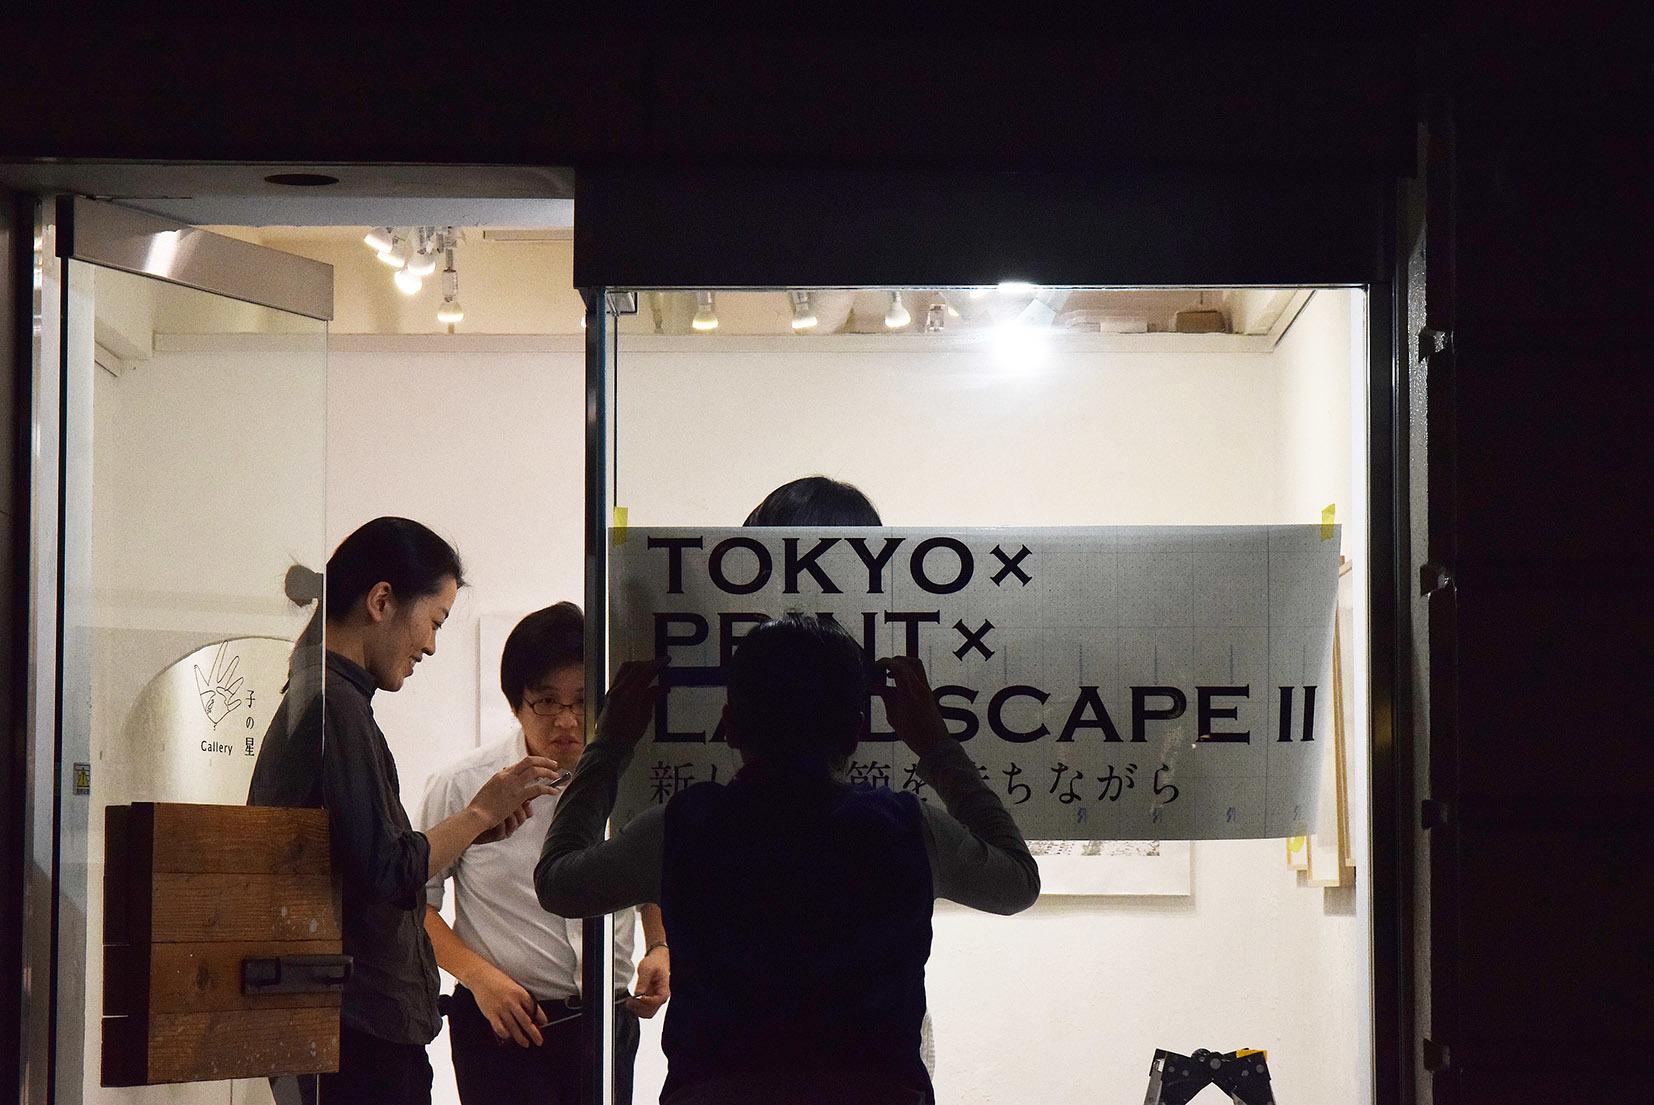 TOKYO×PRINT×LANDSCAPE II〜新しい季節を待ちながら〜@搬入_e0272050_21591032.jpg